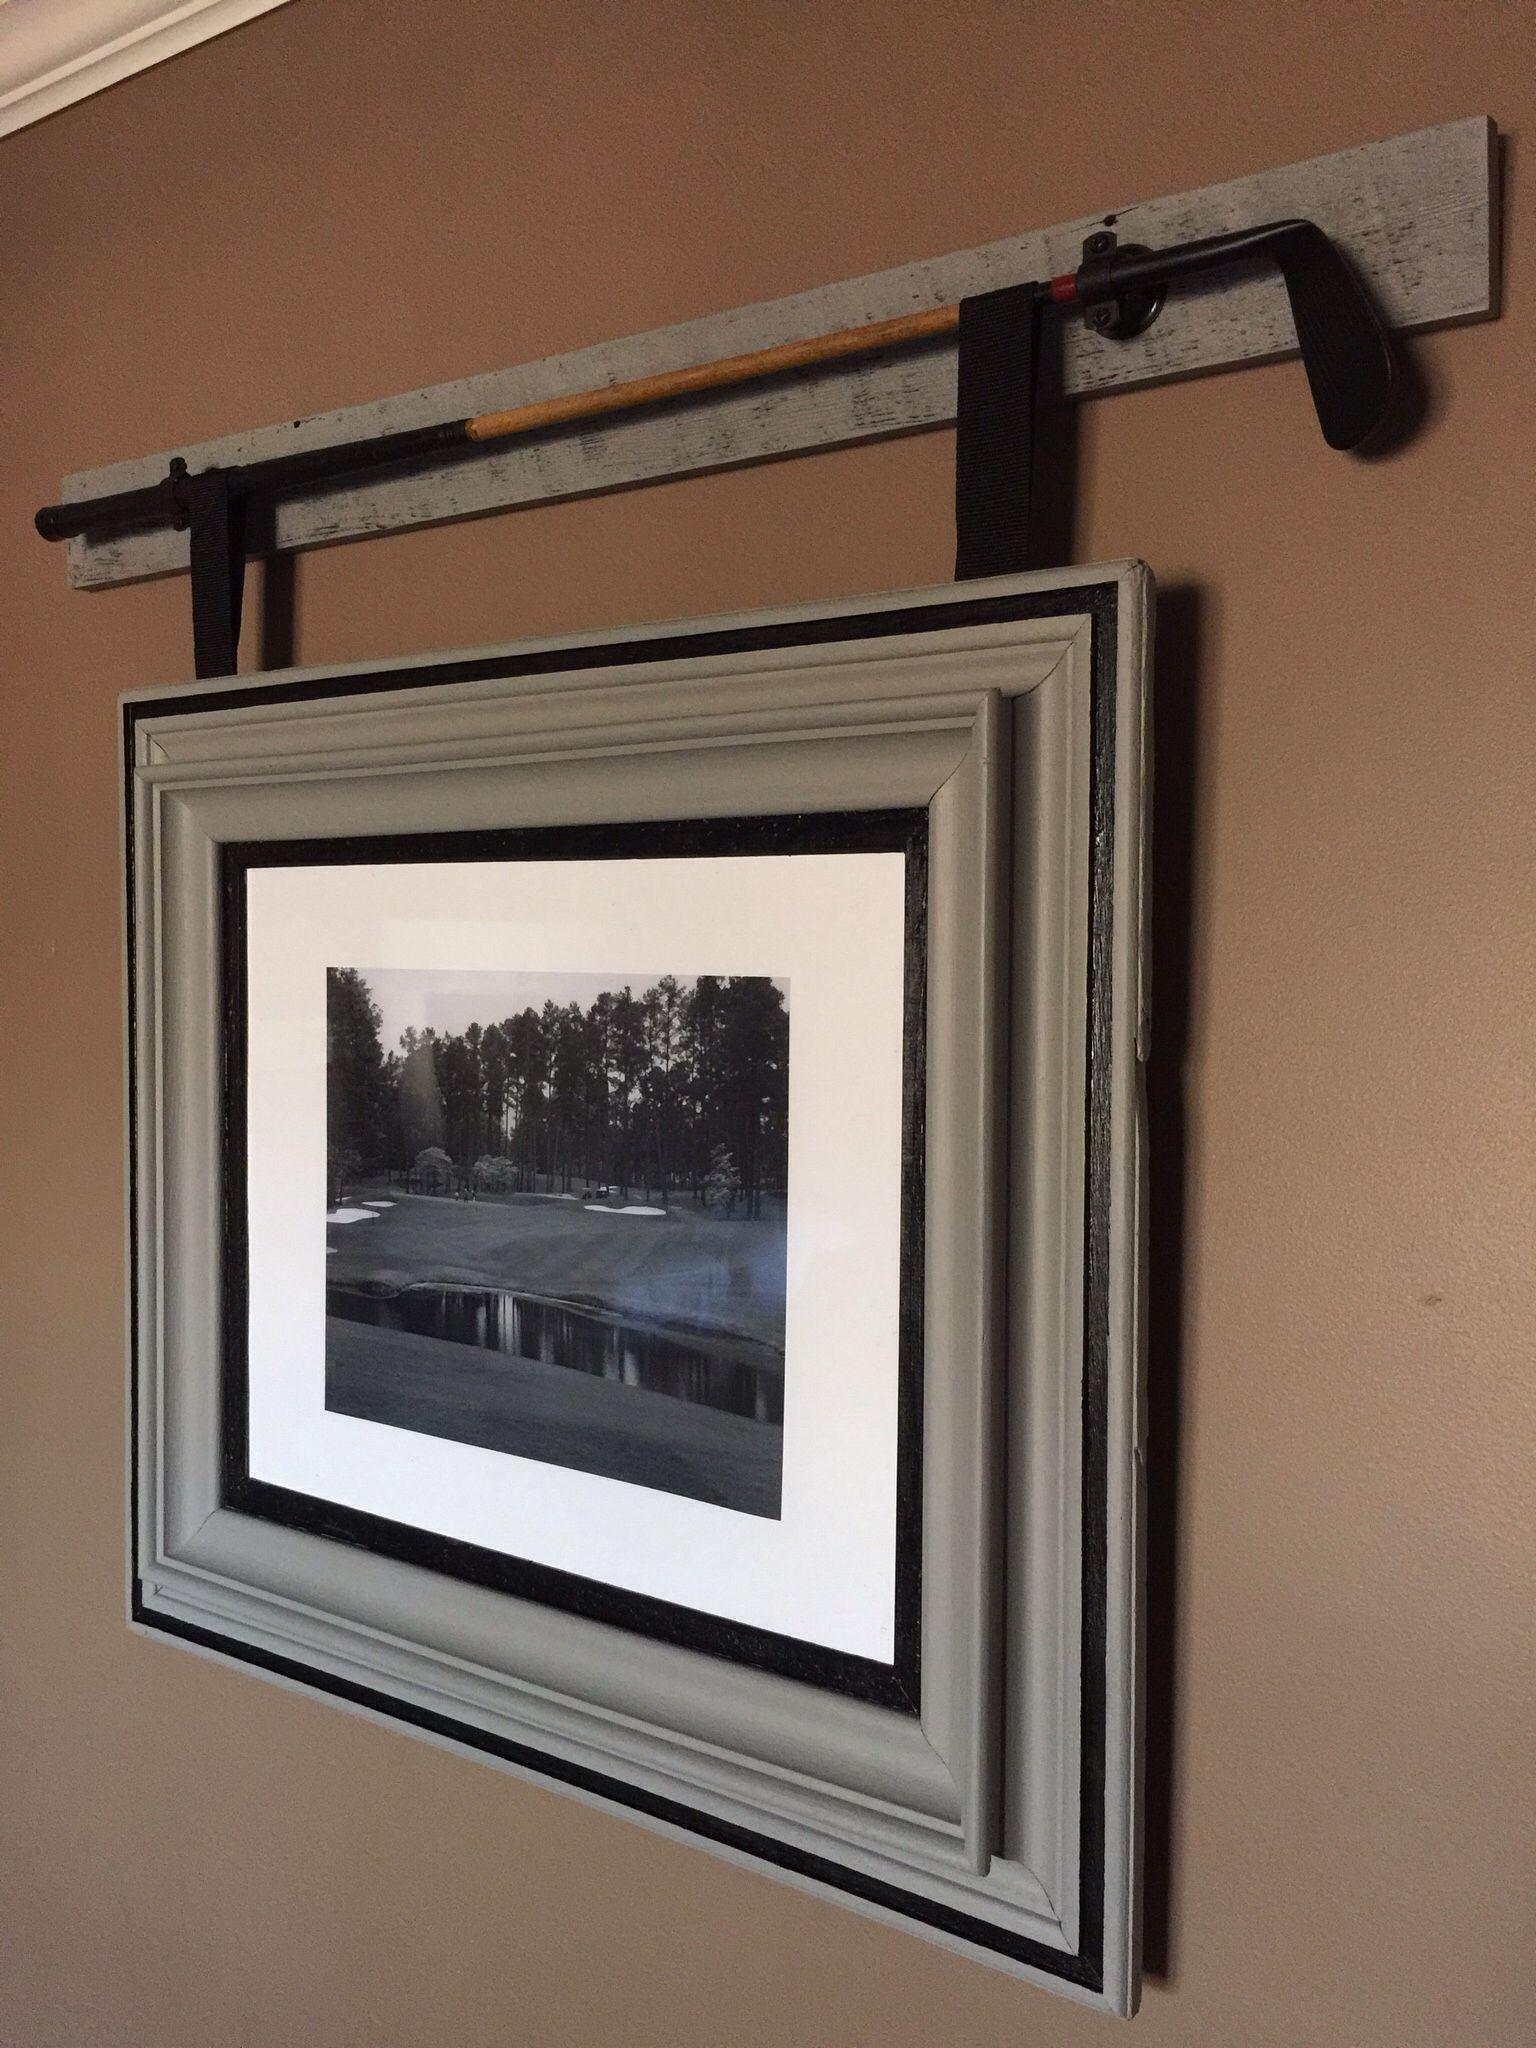 faire la m me chose avec une batte de base ball deco club golf pinterest battes de base. Black Bedroom Furniture Sets. Home Design Ideas